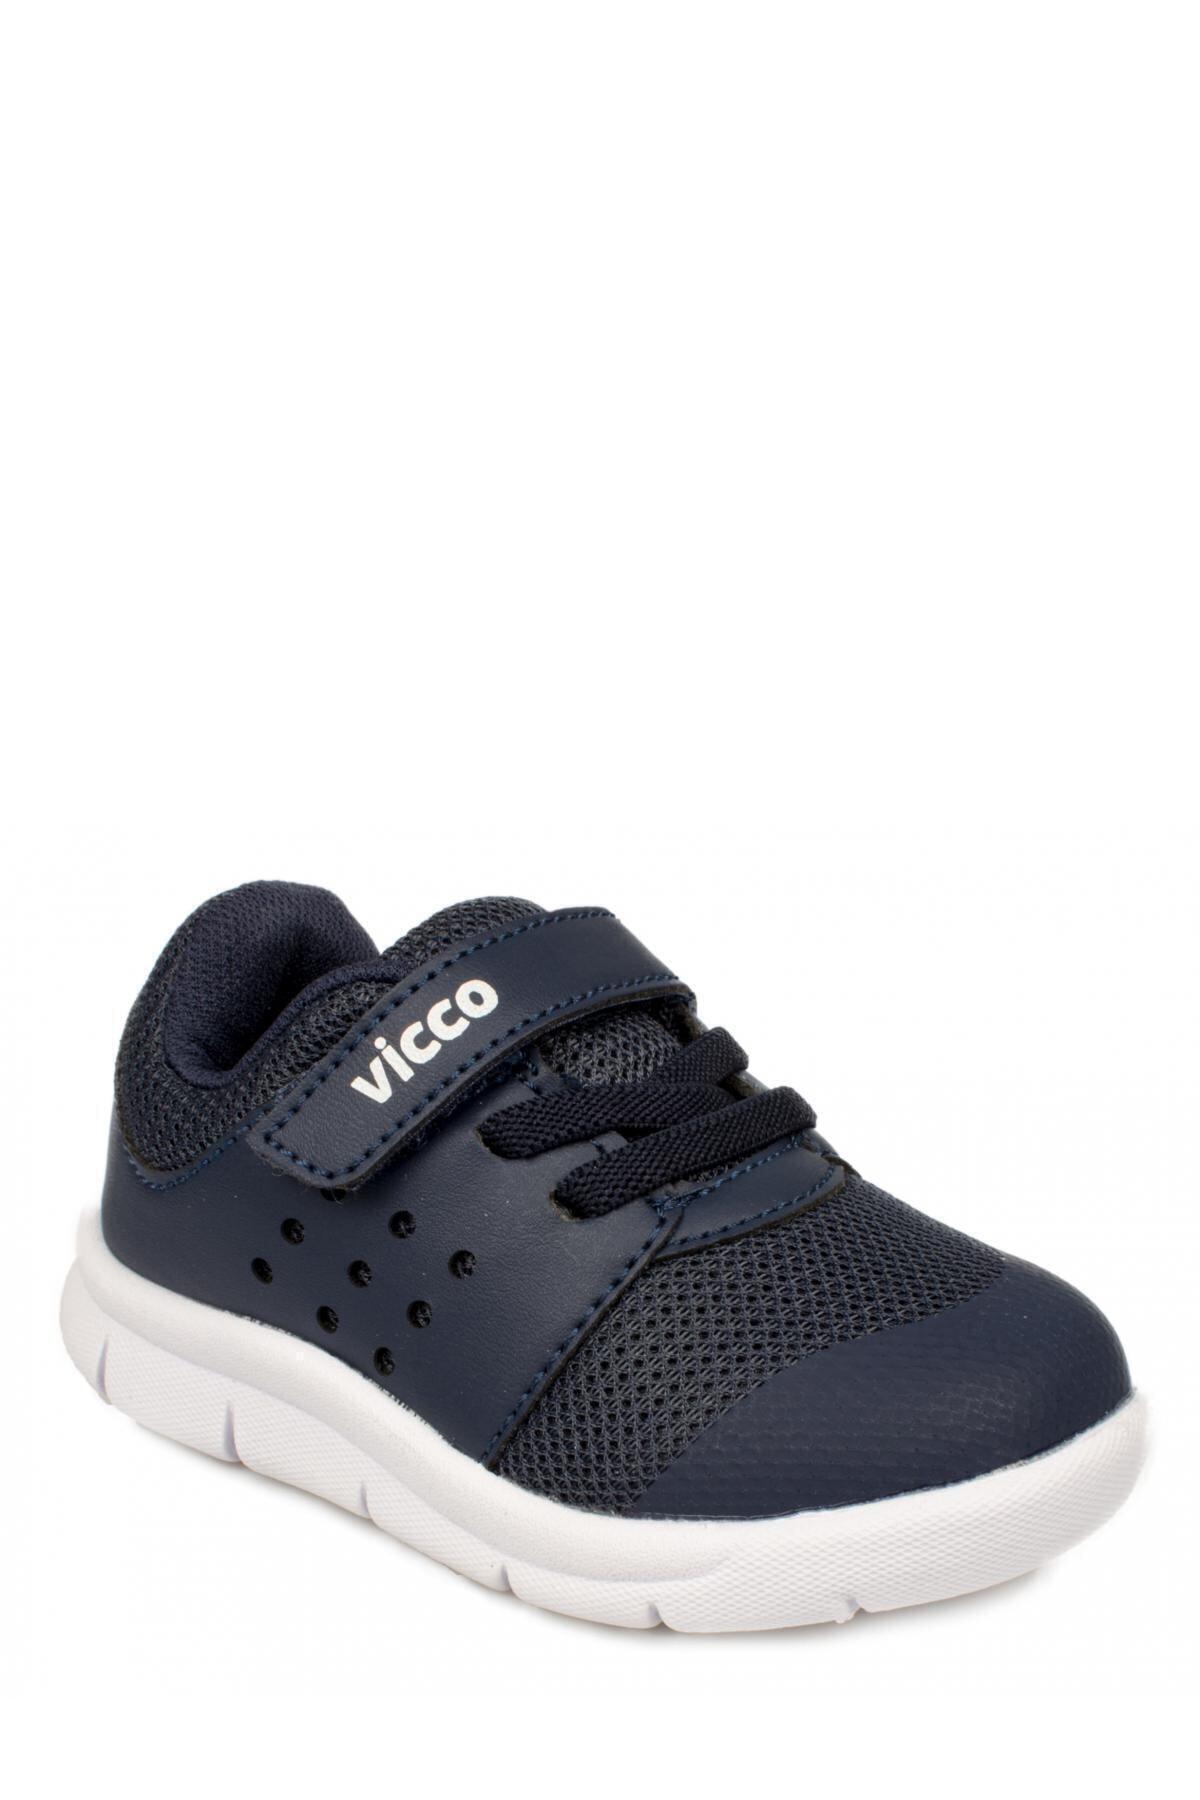 Vicco 346.b20y.200 Çocuk Ilk Adım Spor Ayakkabı 1